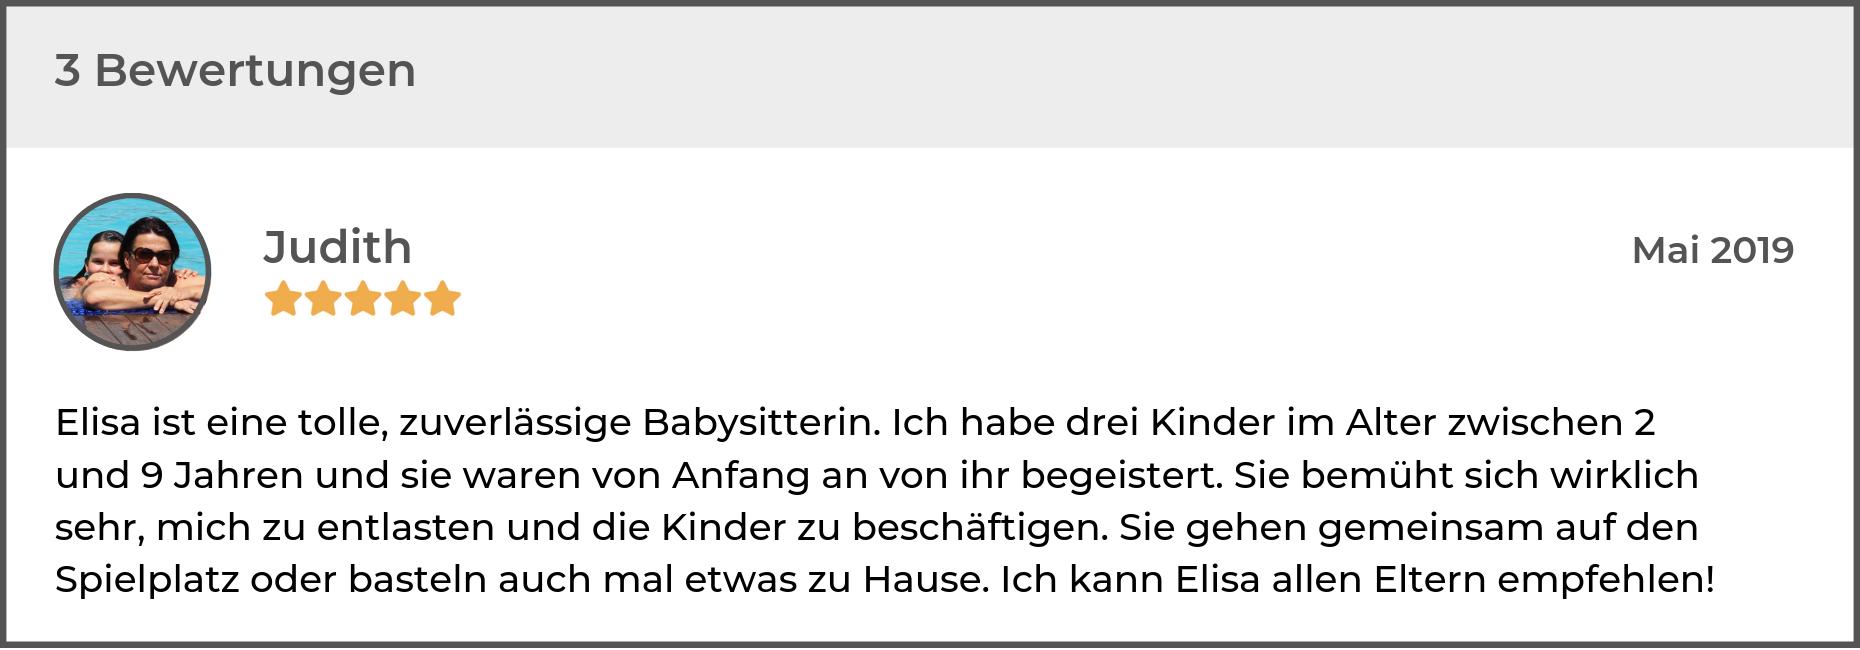 Ein Beispiel für eine aussagekräftige Bewertung eines Babysitters